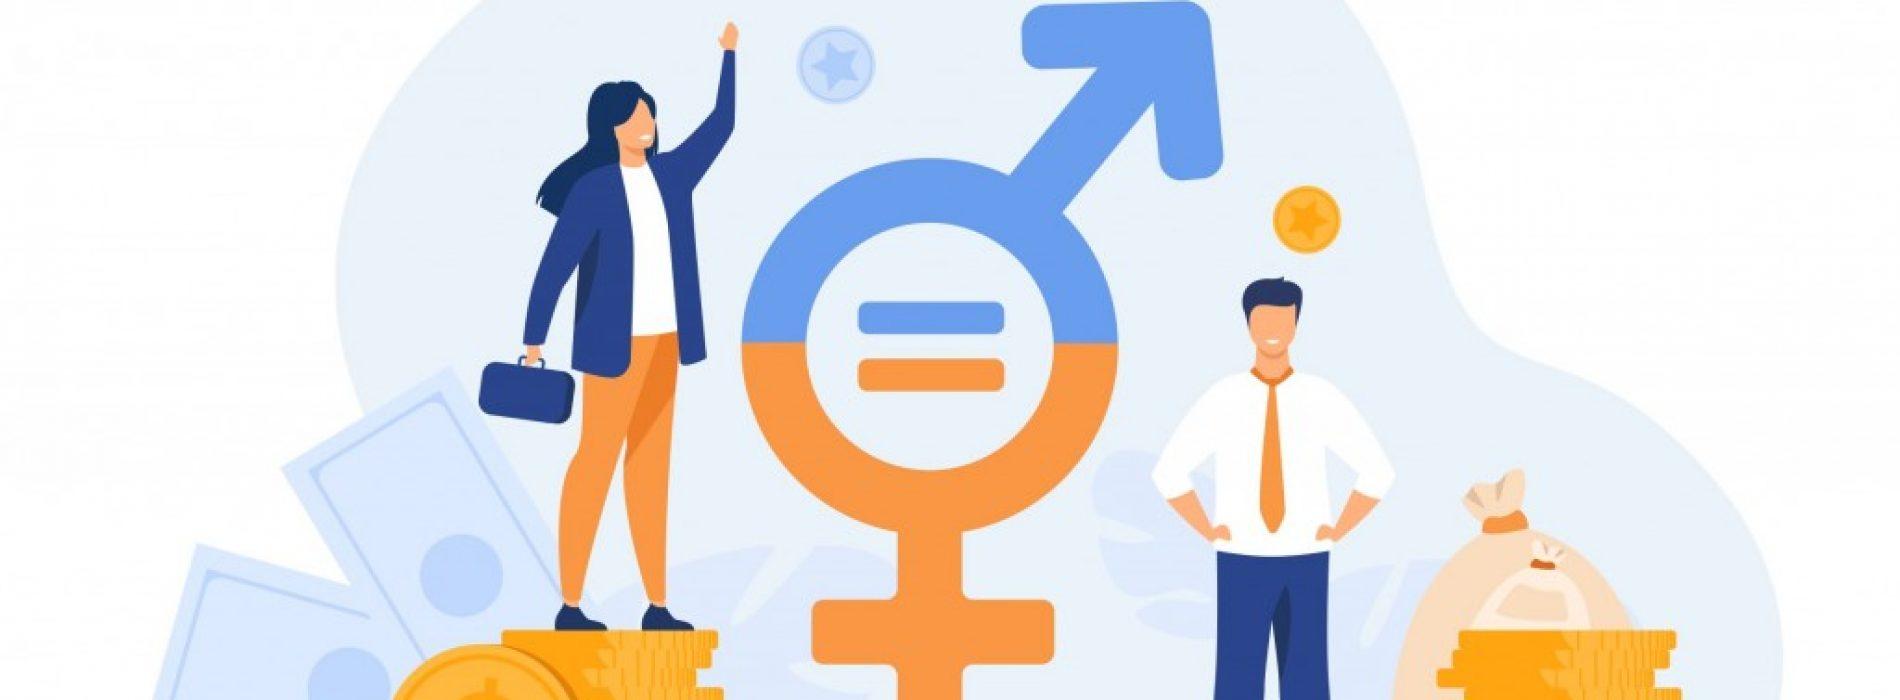 И през 2020 средната заплата на мъжете в България е била по-висока от тази на жените. Как може да се намали разликата?